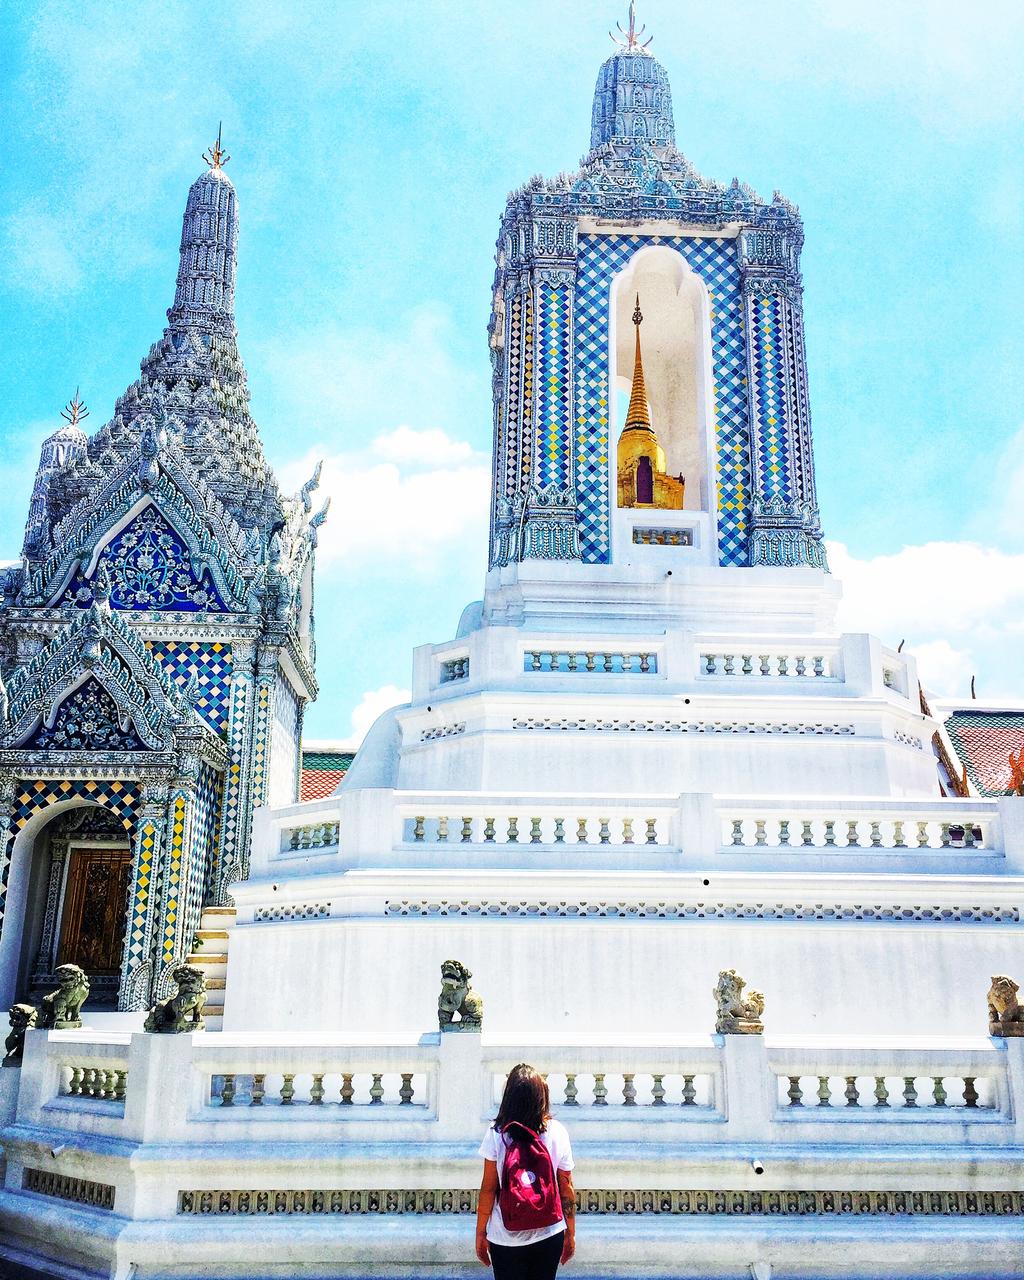 La Il Guida Tuo Completa Bangkok Per Viaggio Organizzare dhQBsCtrx